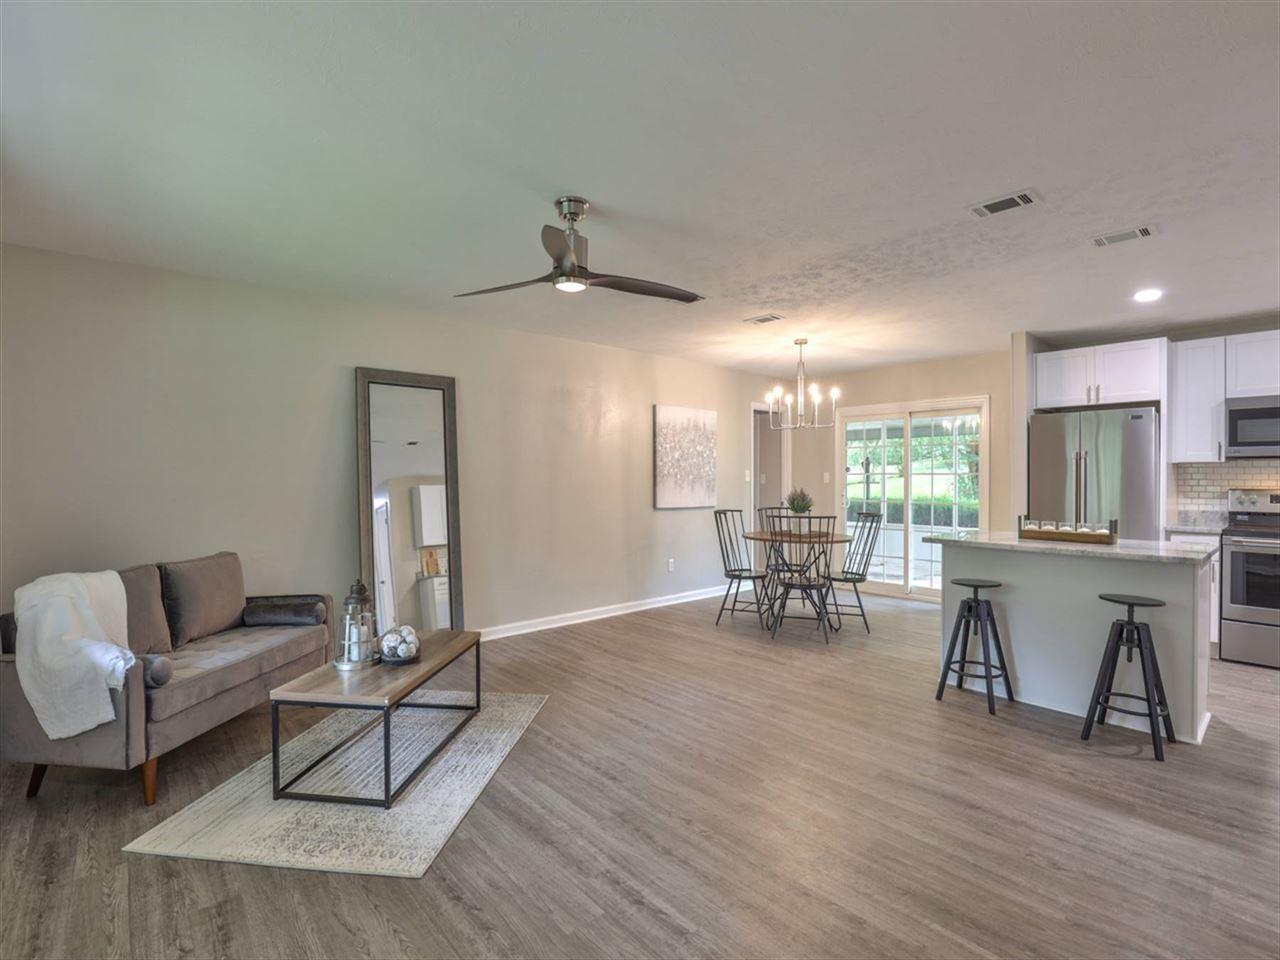 Photo of 8308 Balmoral Drive, TALLAHASSEE, FL 32311 (MLS # 323883)